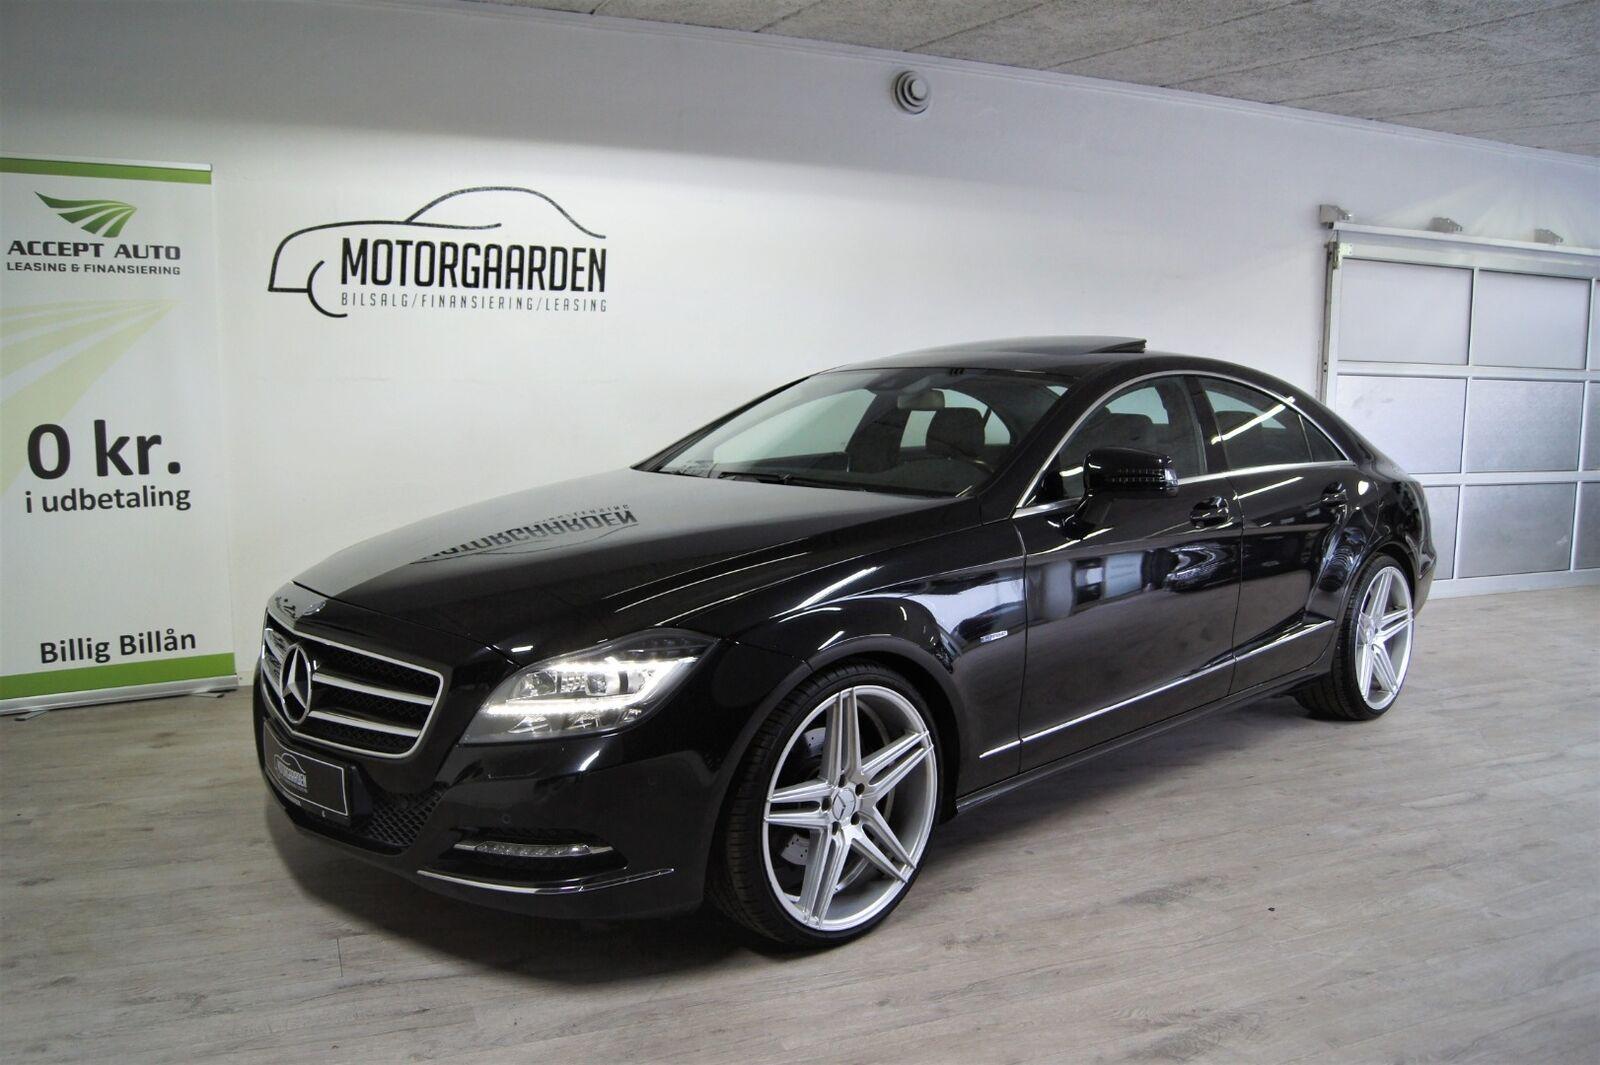 Mercedes CLS350 3,5 aut. BE 4d - 3.150 kr.